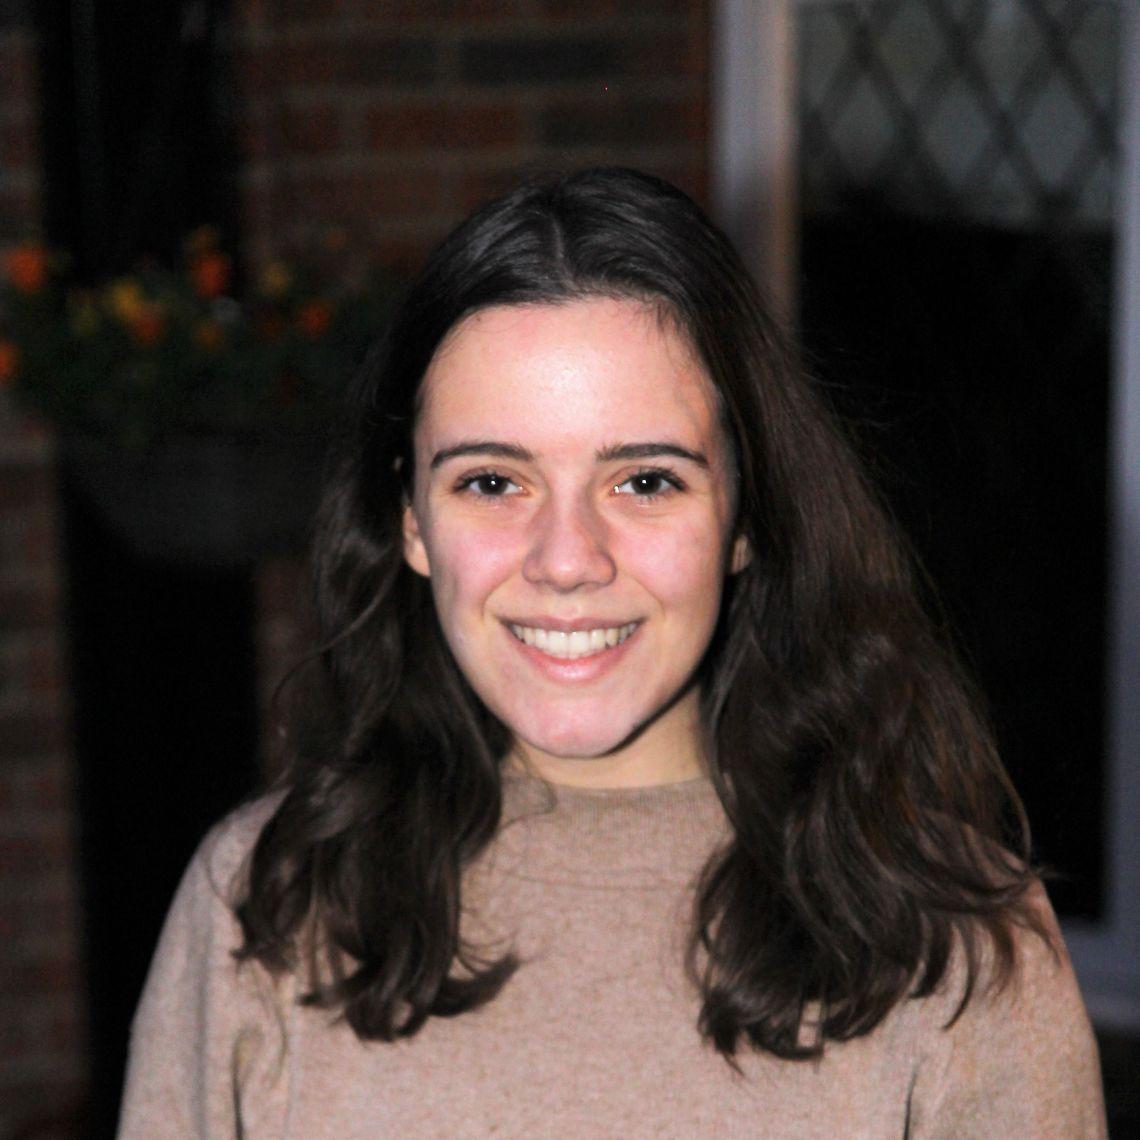 Jessica Radley